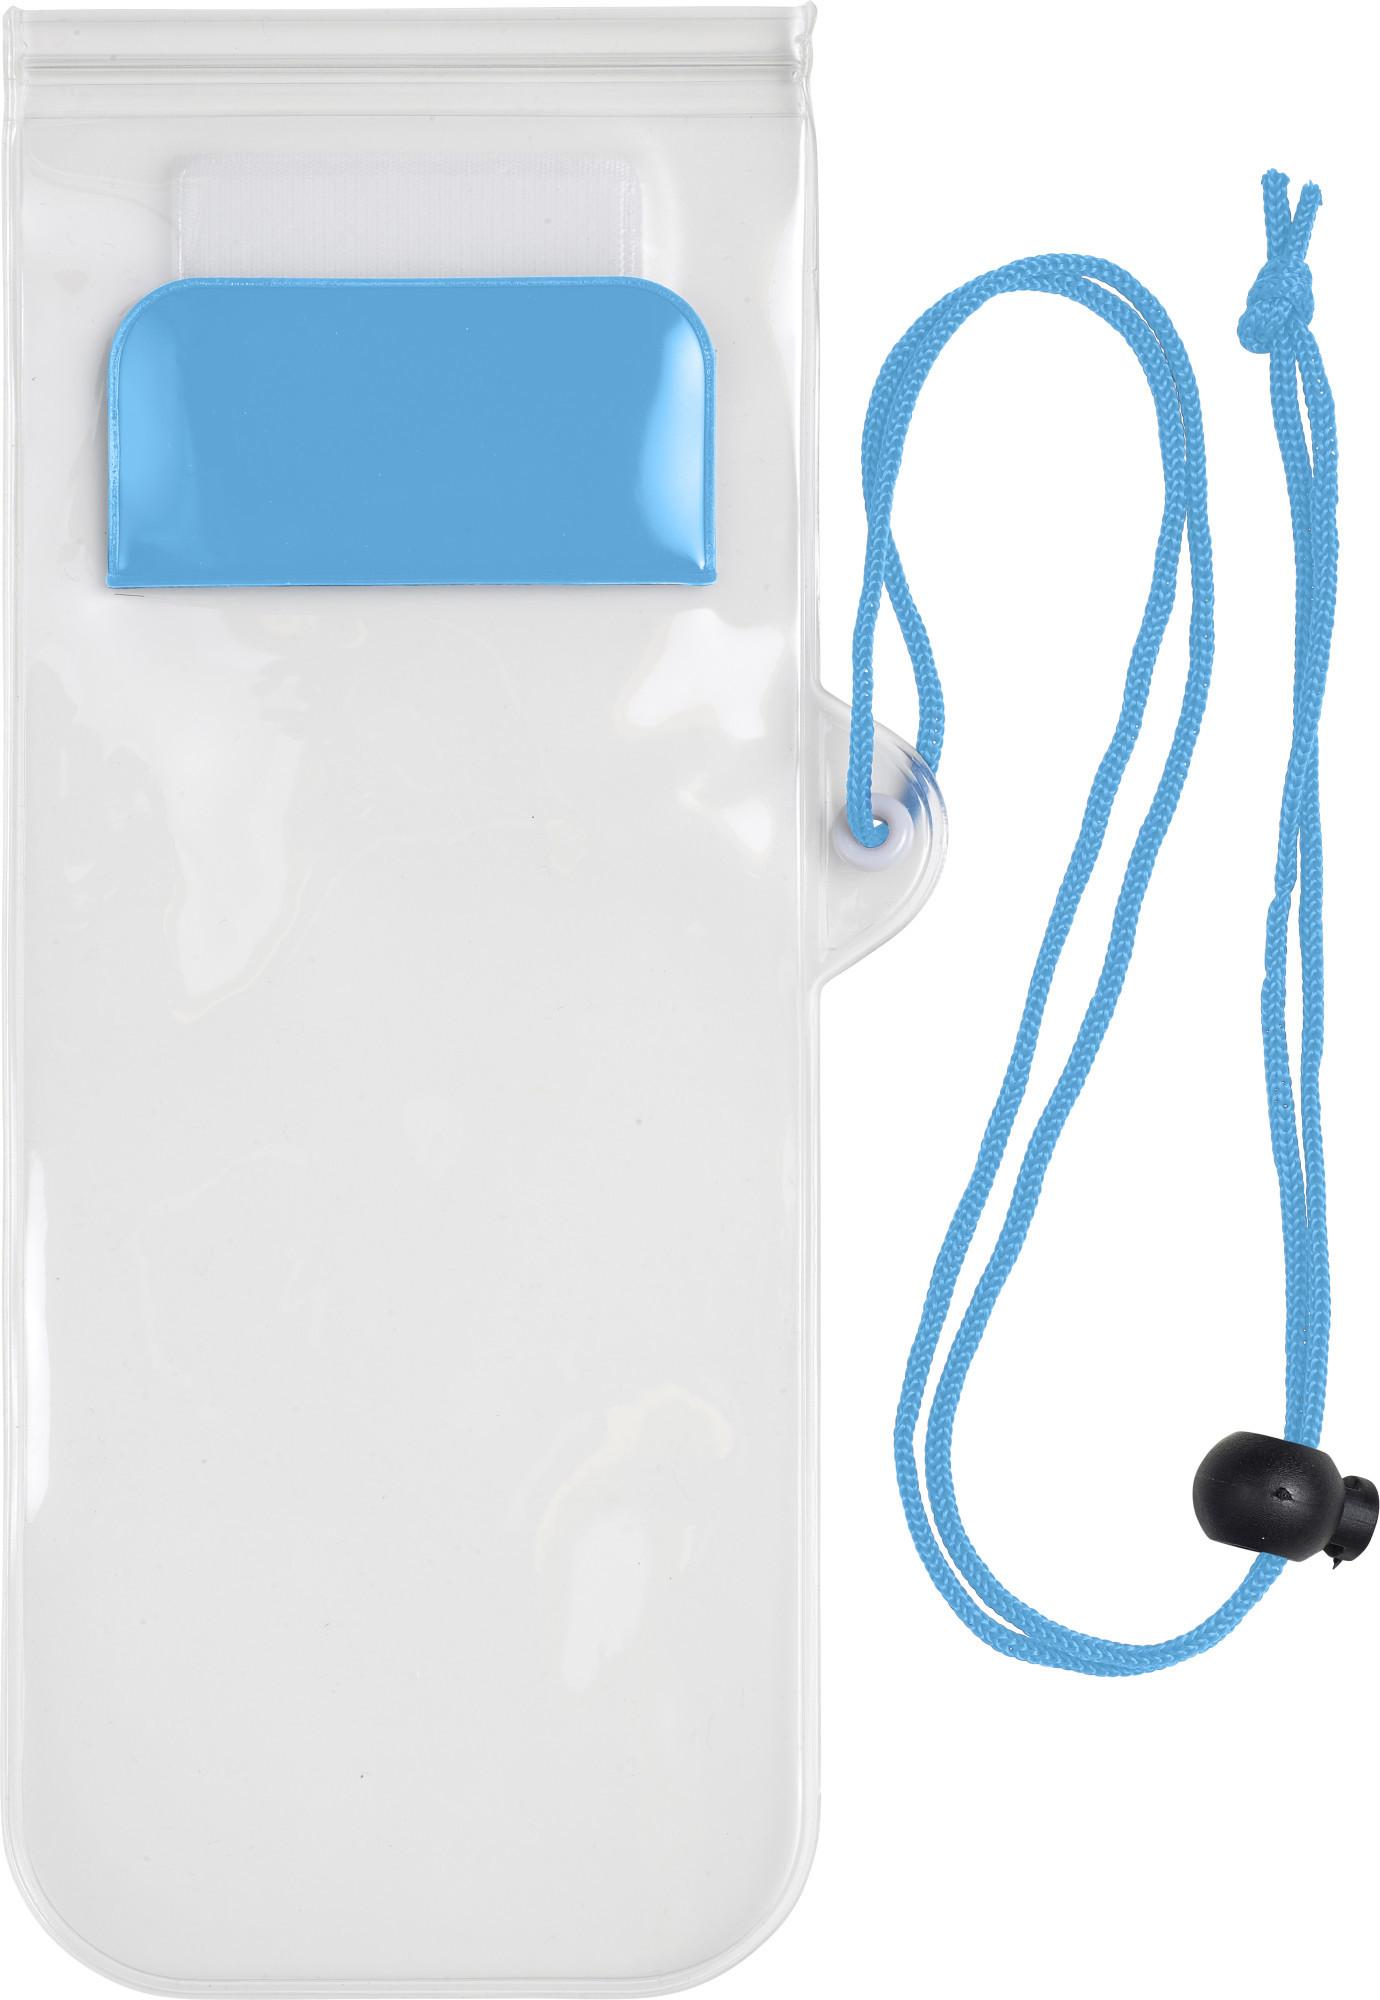 Étui waterproof en PVC pour smartphone - 19-1252-27